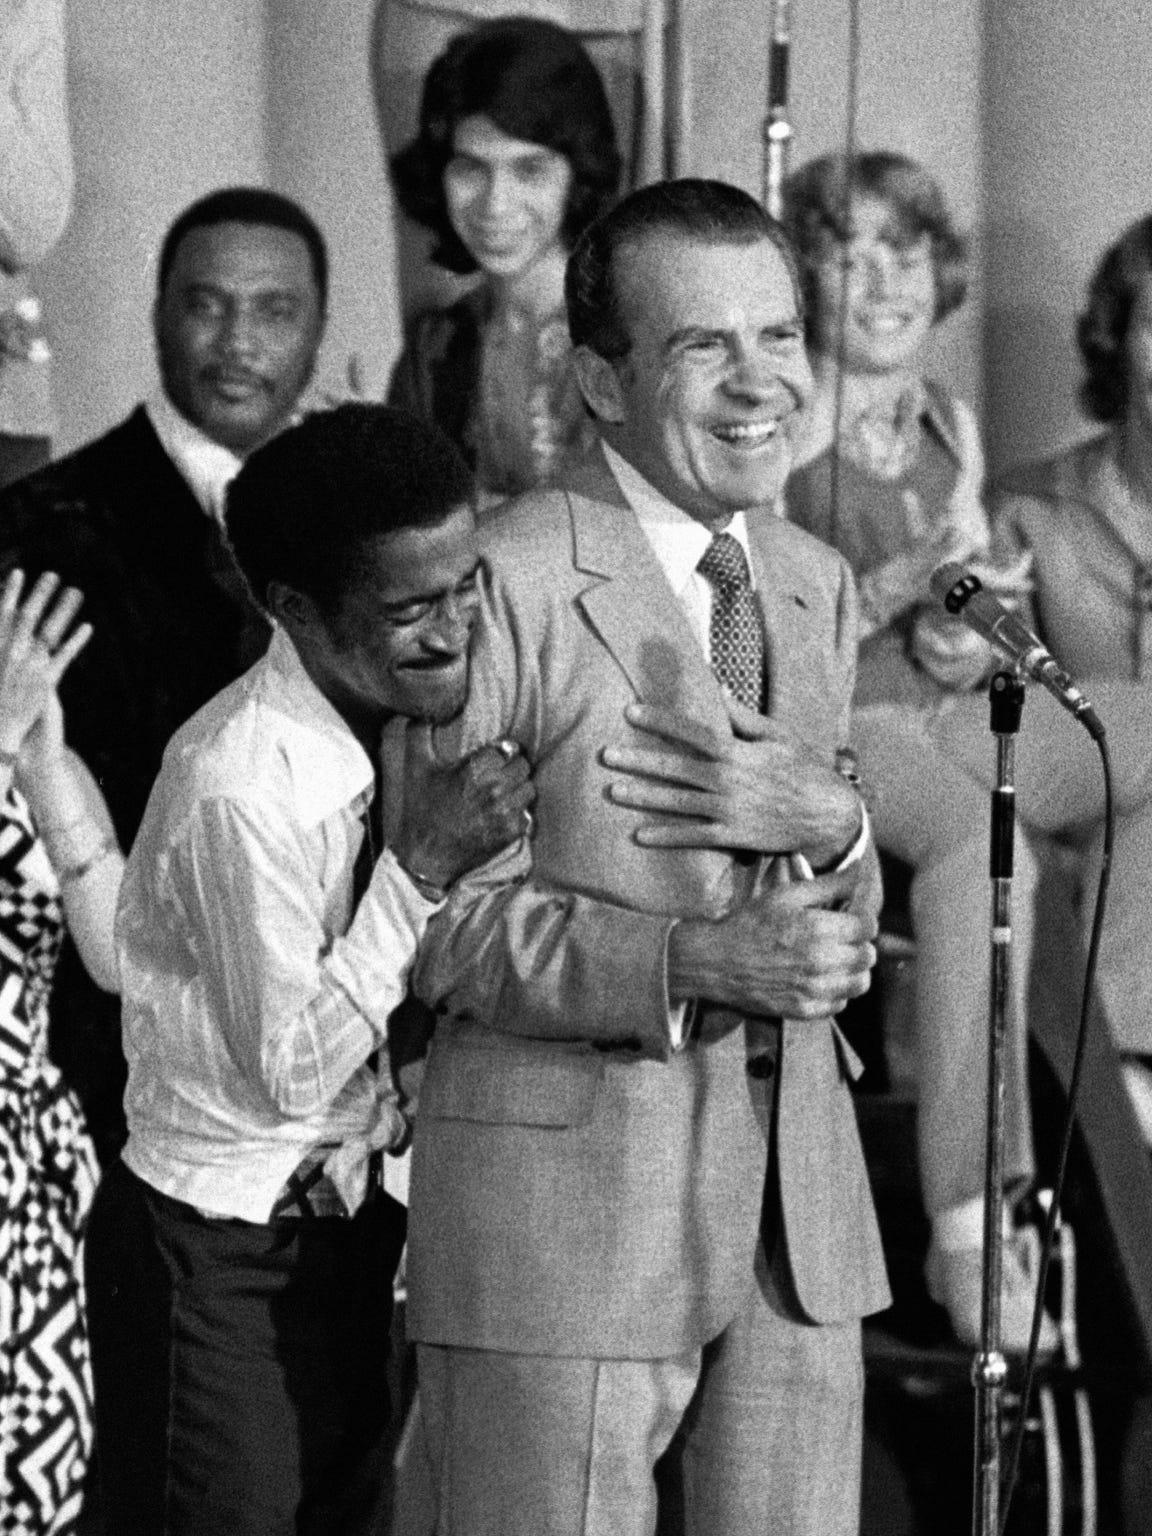 Entertainer Sammy Davis Jr. hugs President Richard